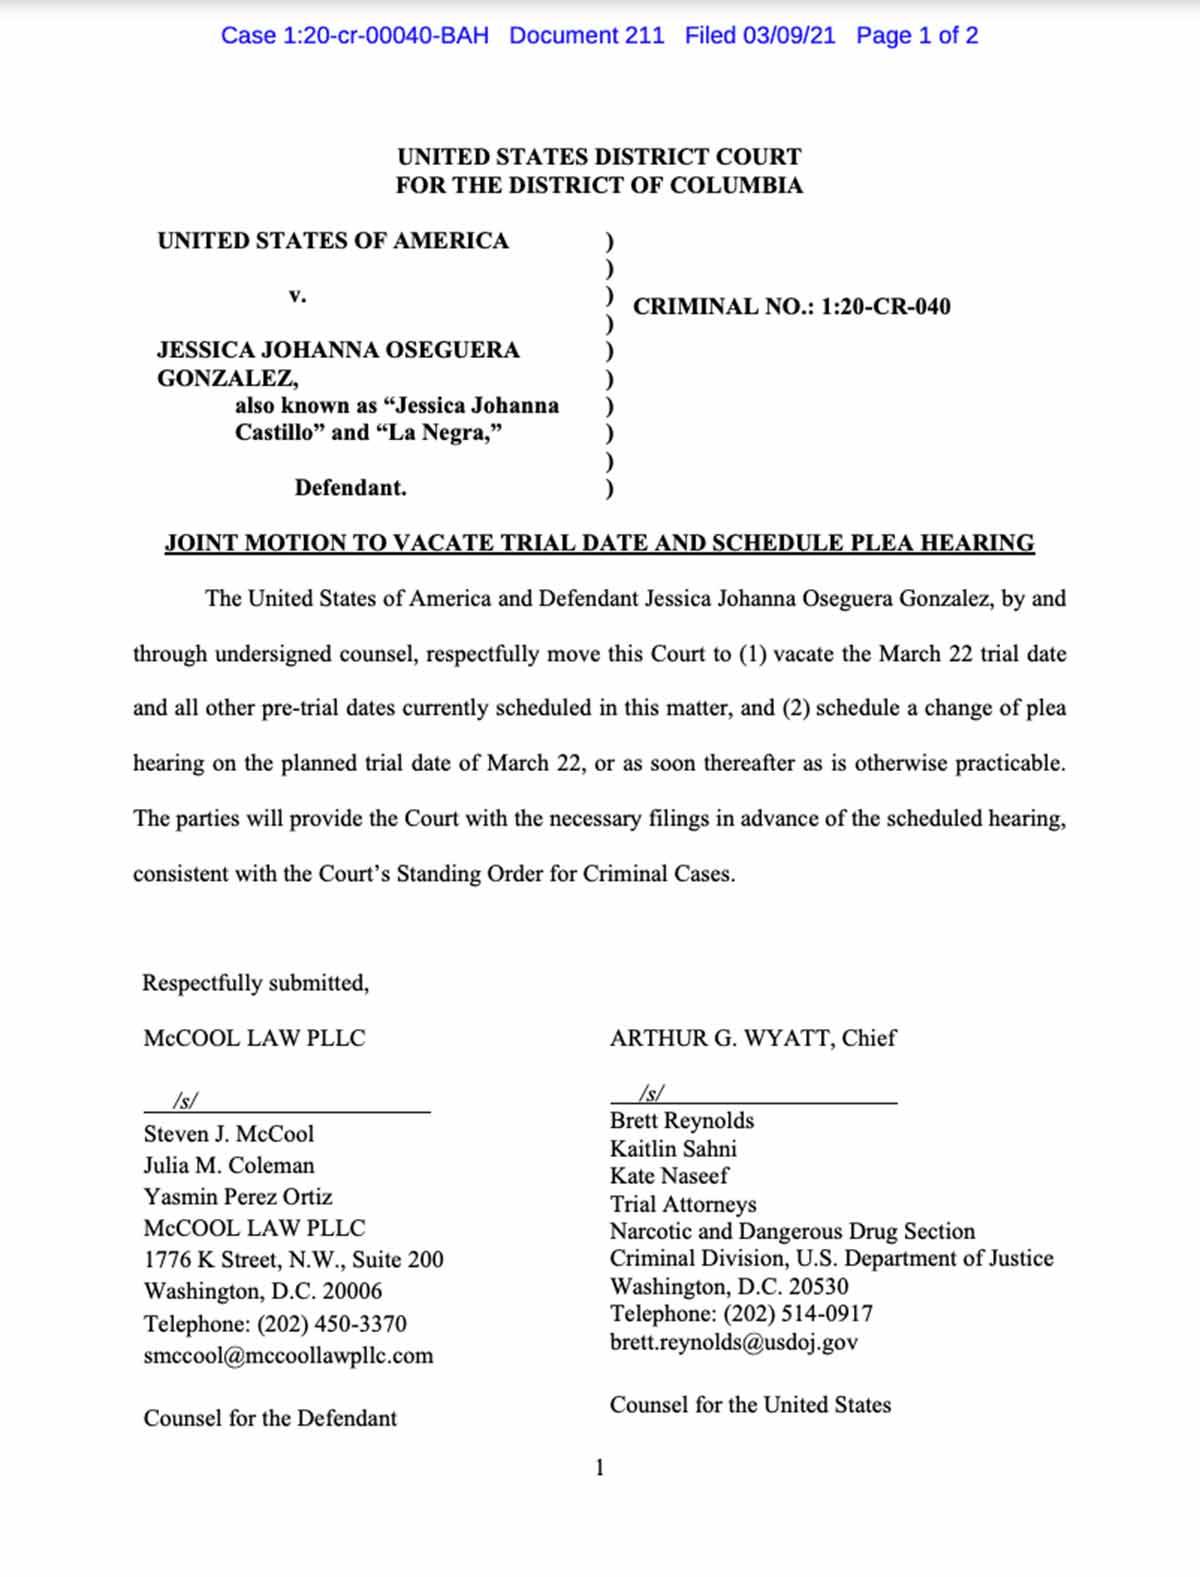 Acusación contra 'La Negra' presentada el 6 de diciembre de 2019 // Foto: District of Columbia